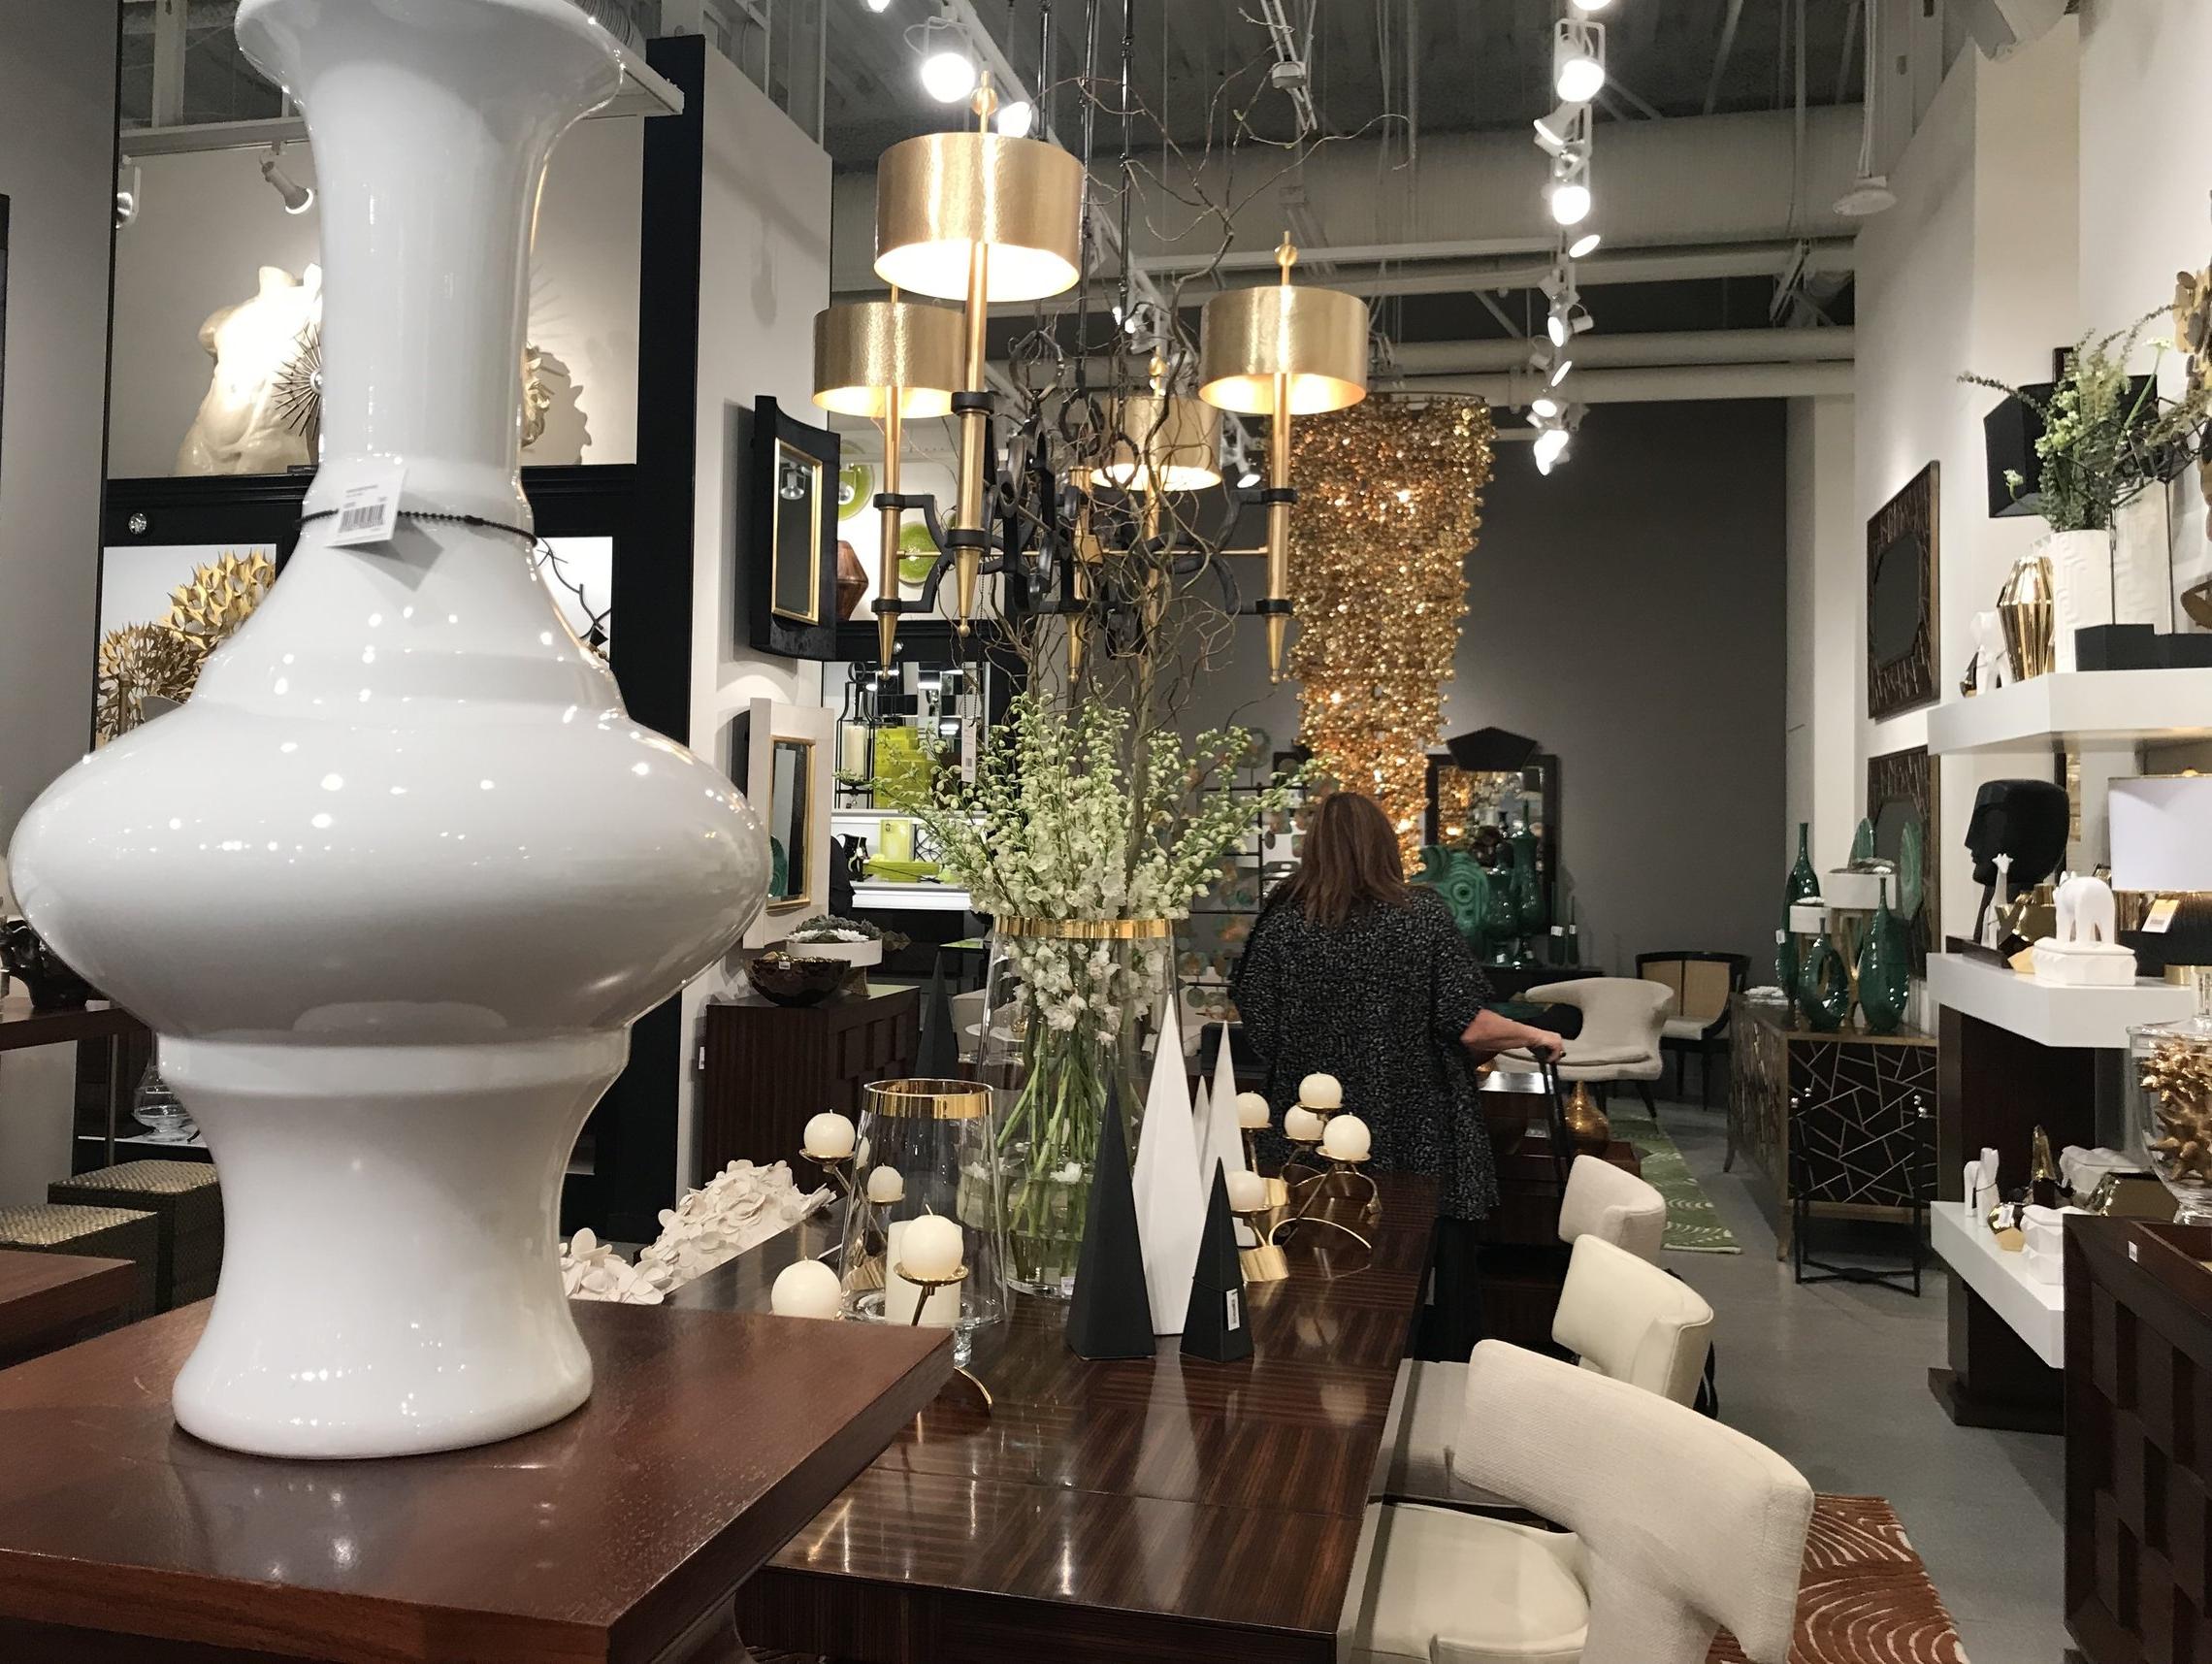 Gold chandeliers at a showroom at Las Vegas Market last week.